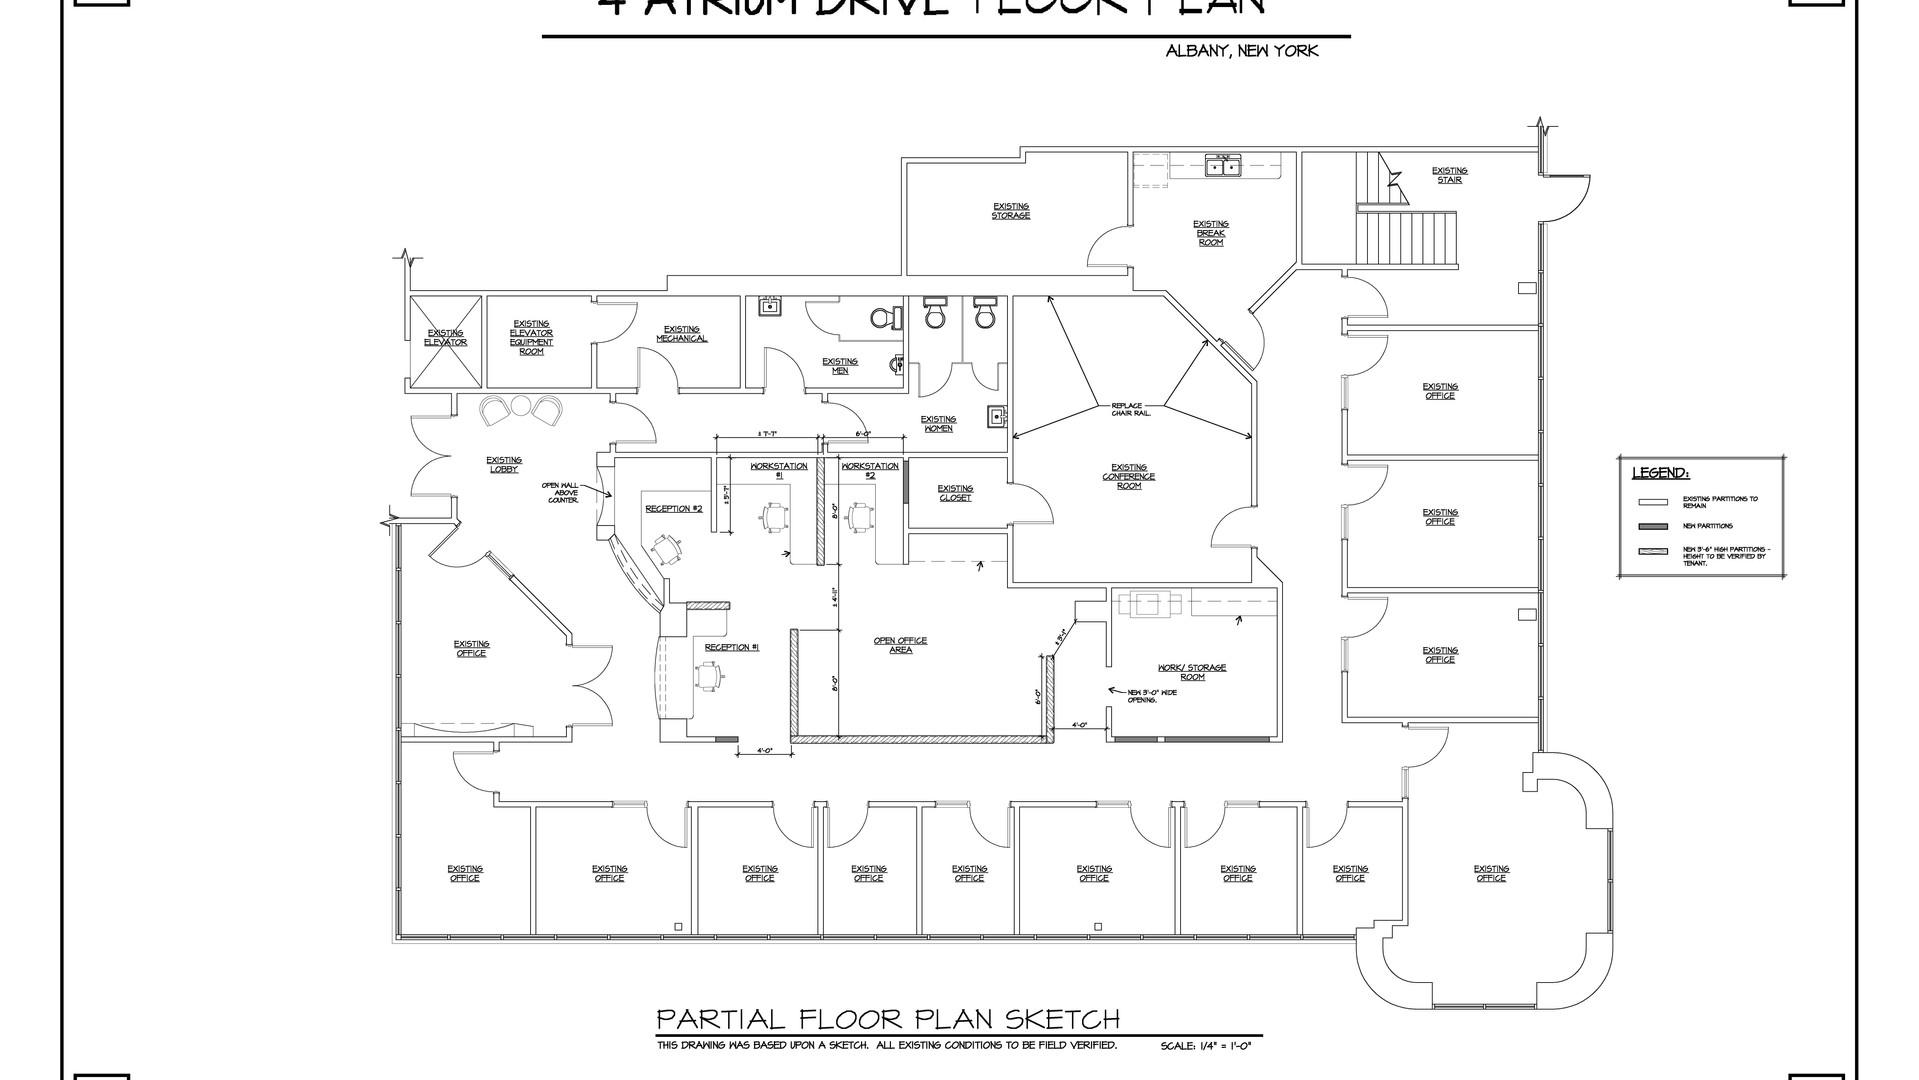 Vacant Space Floor Plan